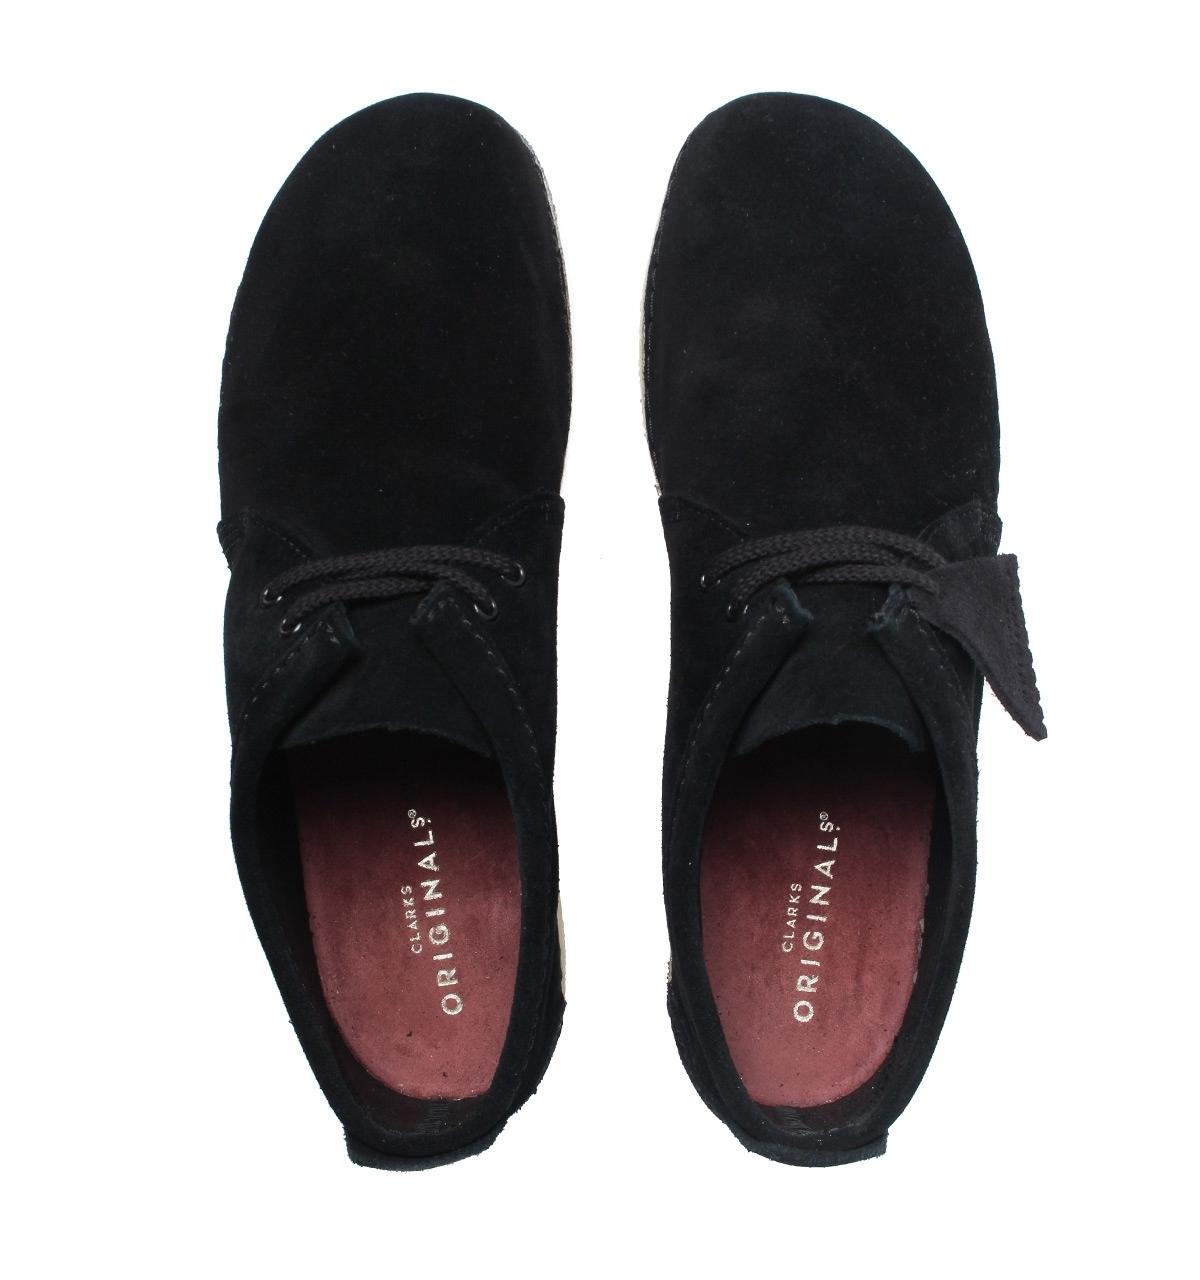 Clarks Ashton Black Suede Shoes for Men